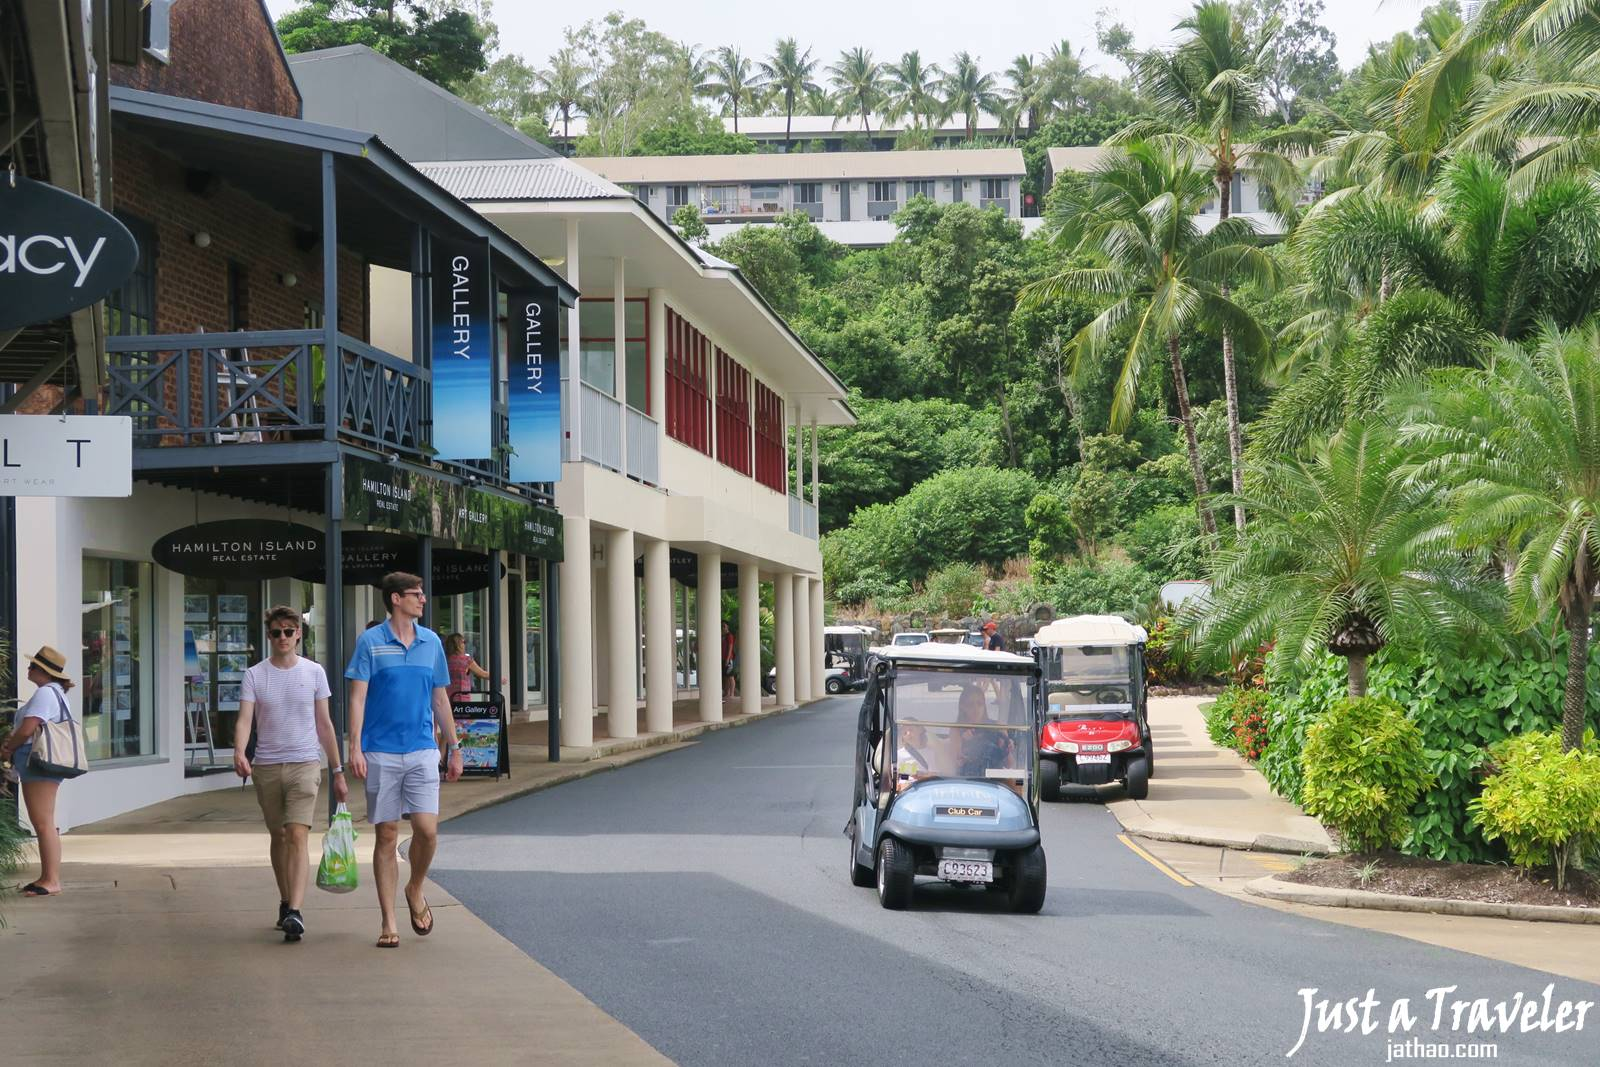 聖靈群島-漢密爾頓島-高爾夫球車-Buggy-景點-推薦-交通-遊記-自由行-行程-住宿-旅遊-度假-一日遊-澳洲-Hamilton-Island-Whitsundays